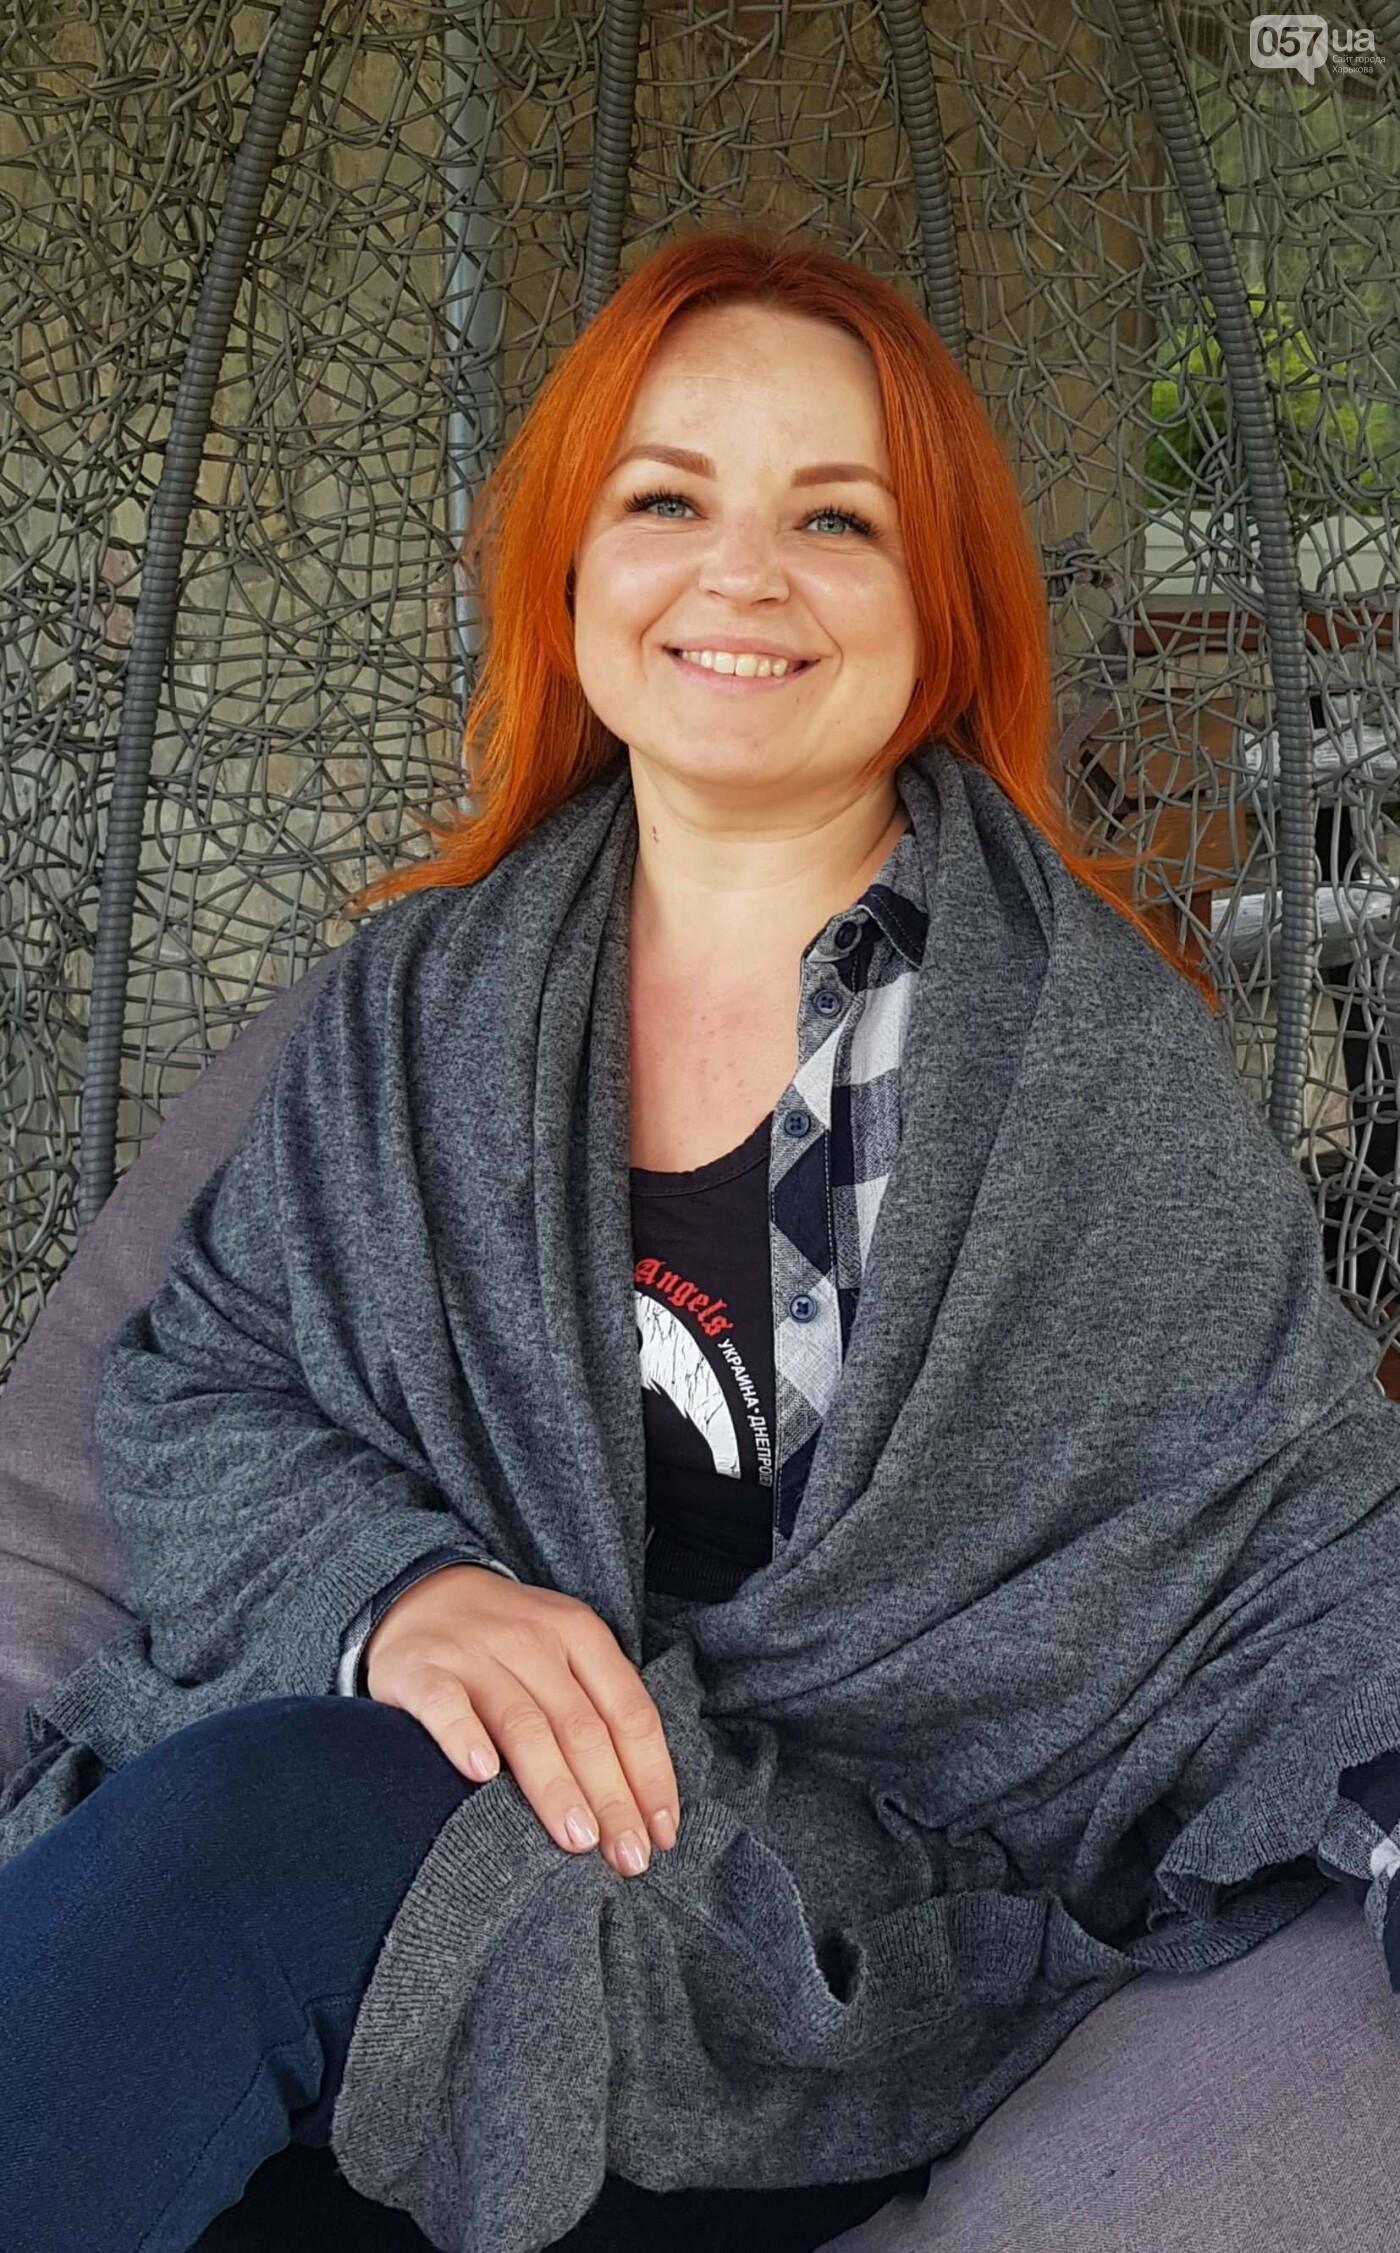 """""""Я научилась видеть в них совсем другое"""": как визажистка из Харькова помогает онкобольным женщинам, - ФОТО, фото-1"""